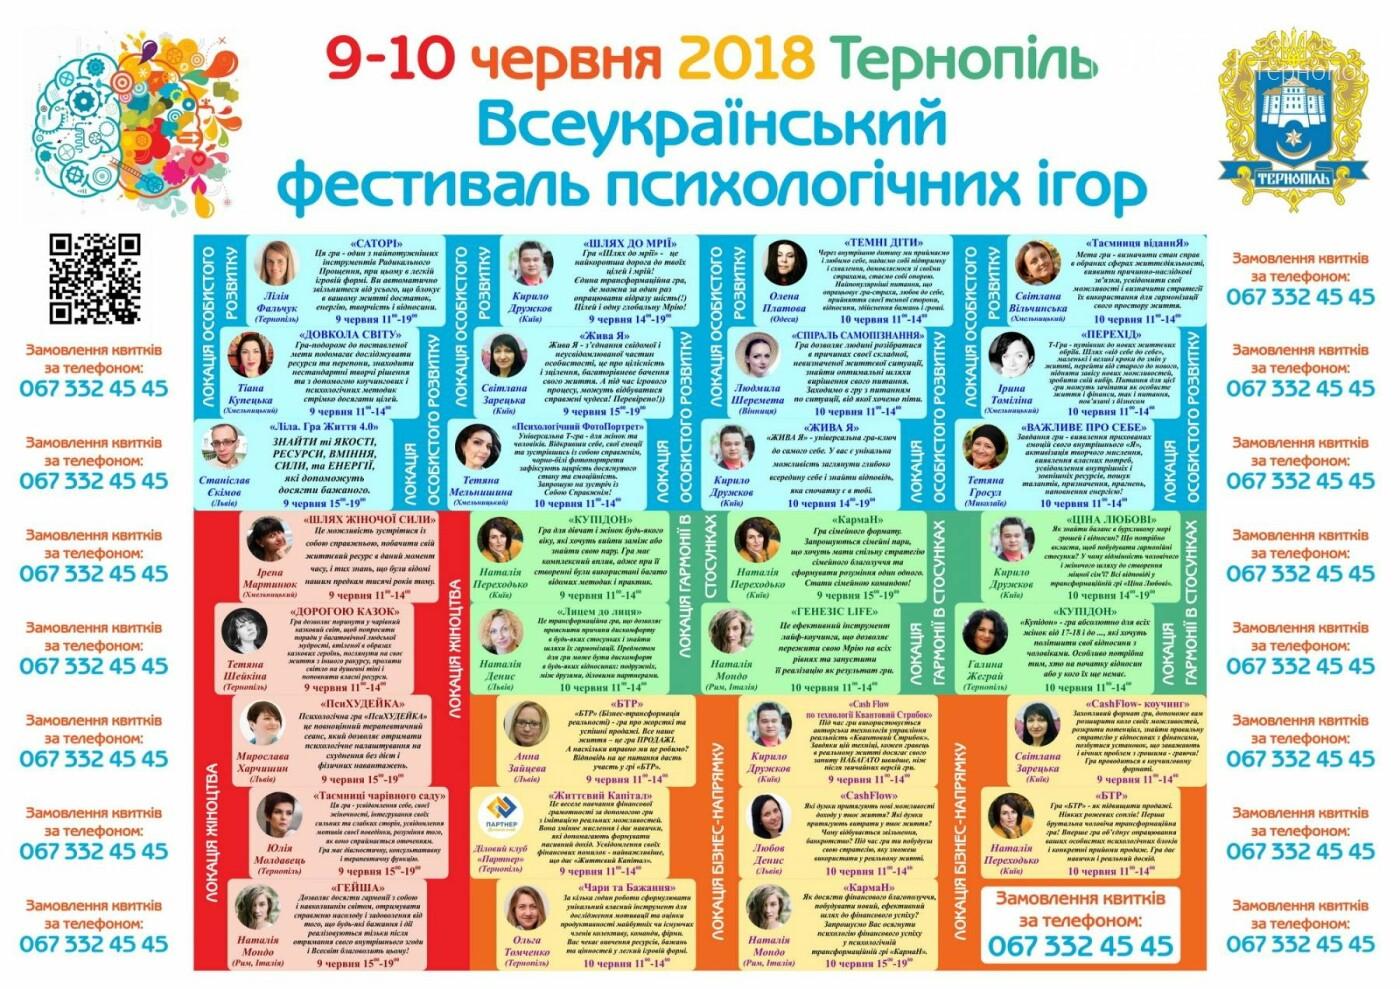 У Тернополі відбудеться Всеукраїнський фестиваль психологічних ігор, фото-1